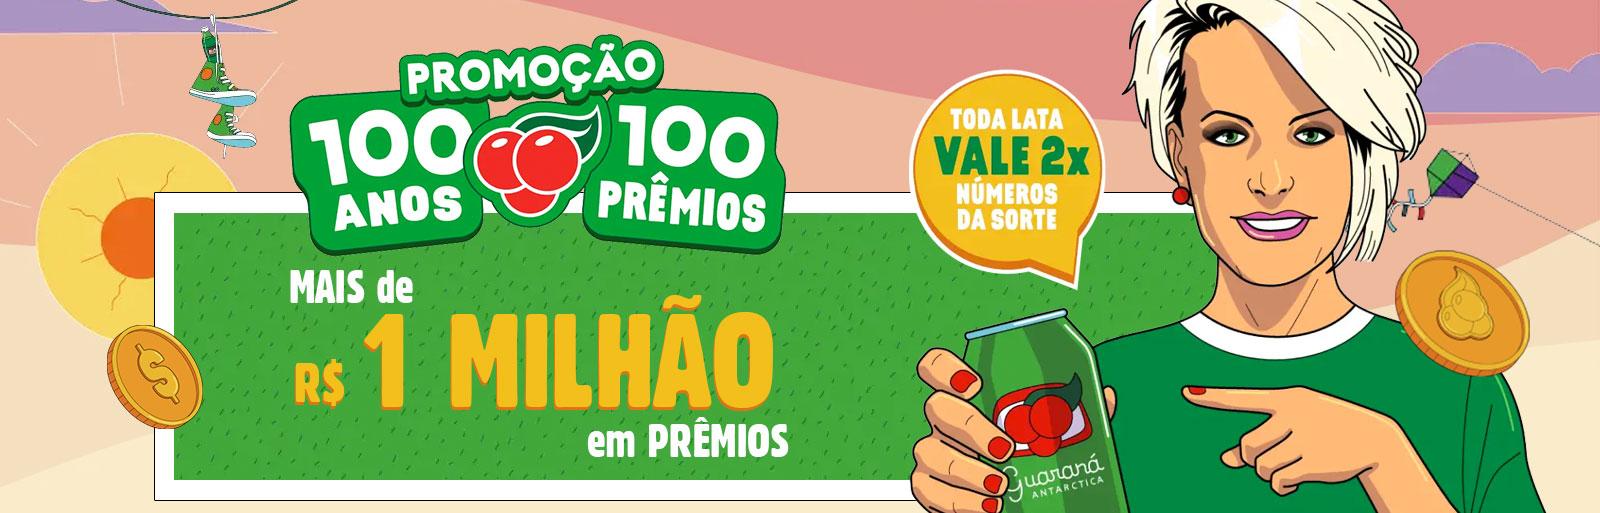 Promoção Guaraná 100 Anos, 100 Prêmios